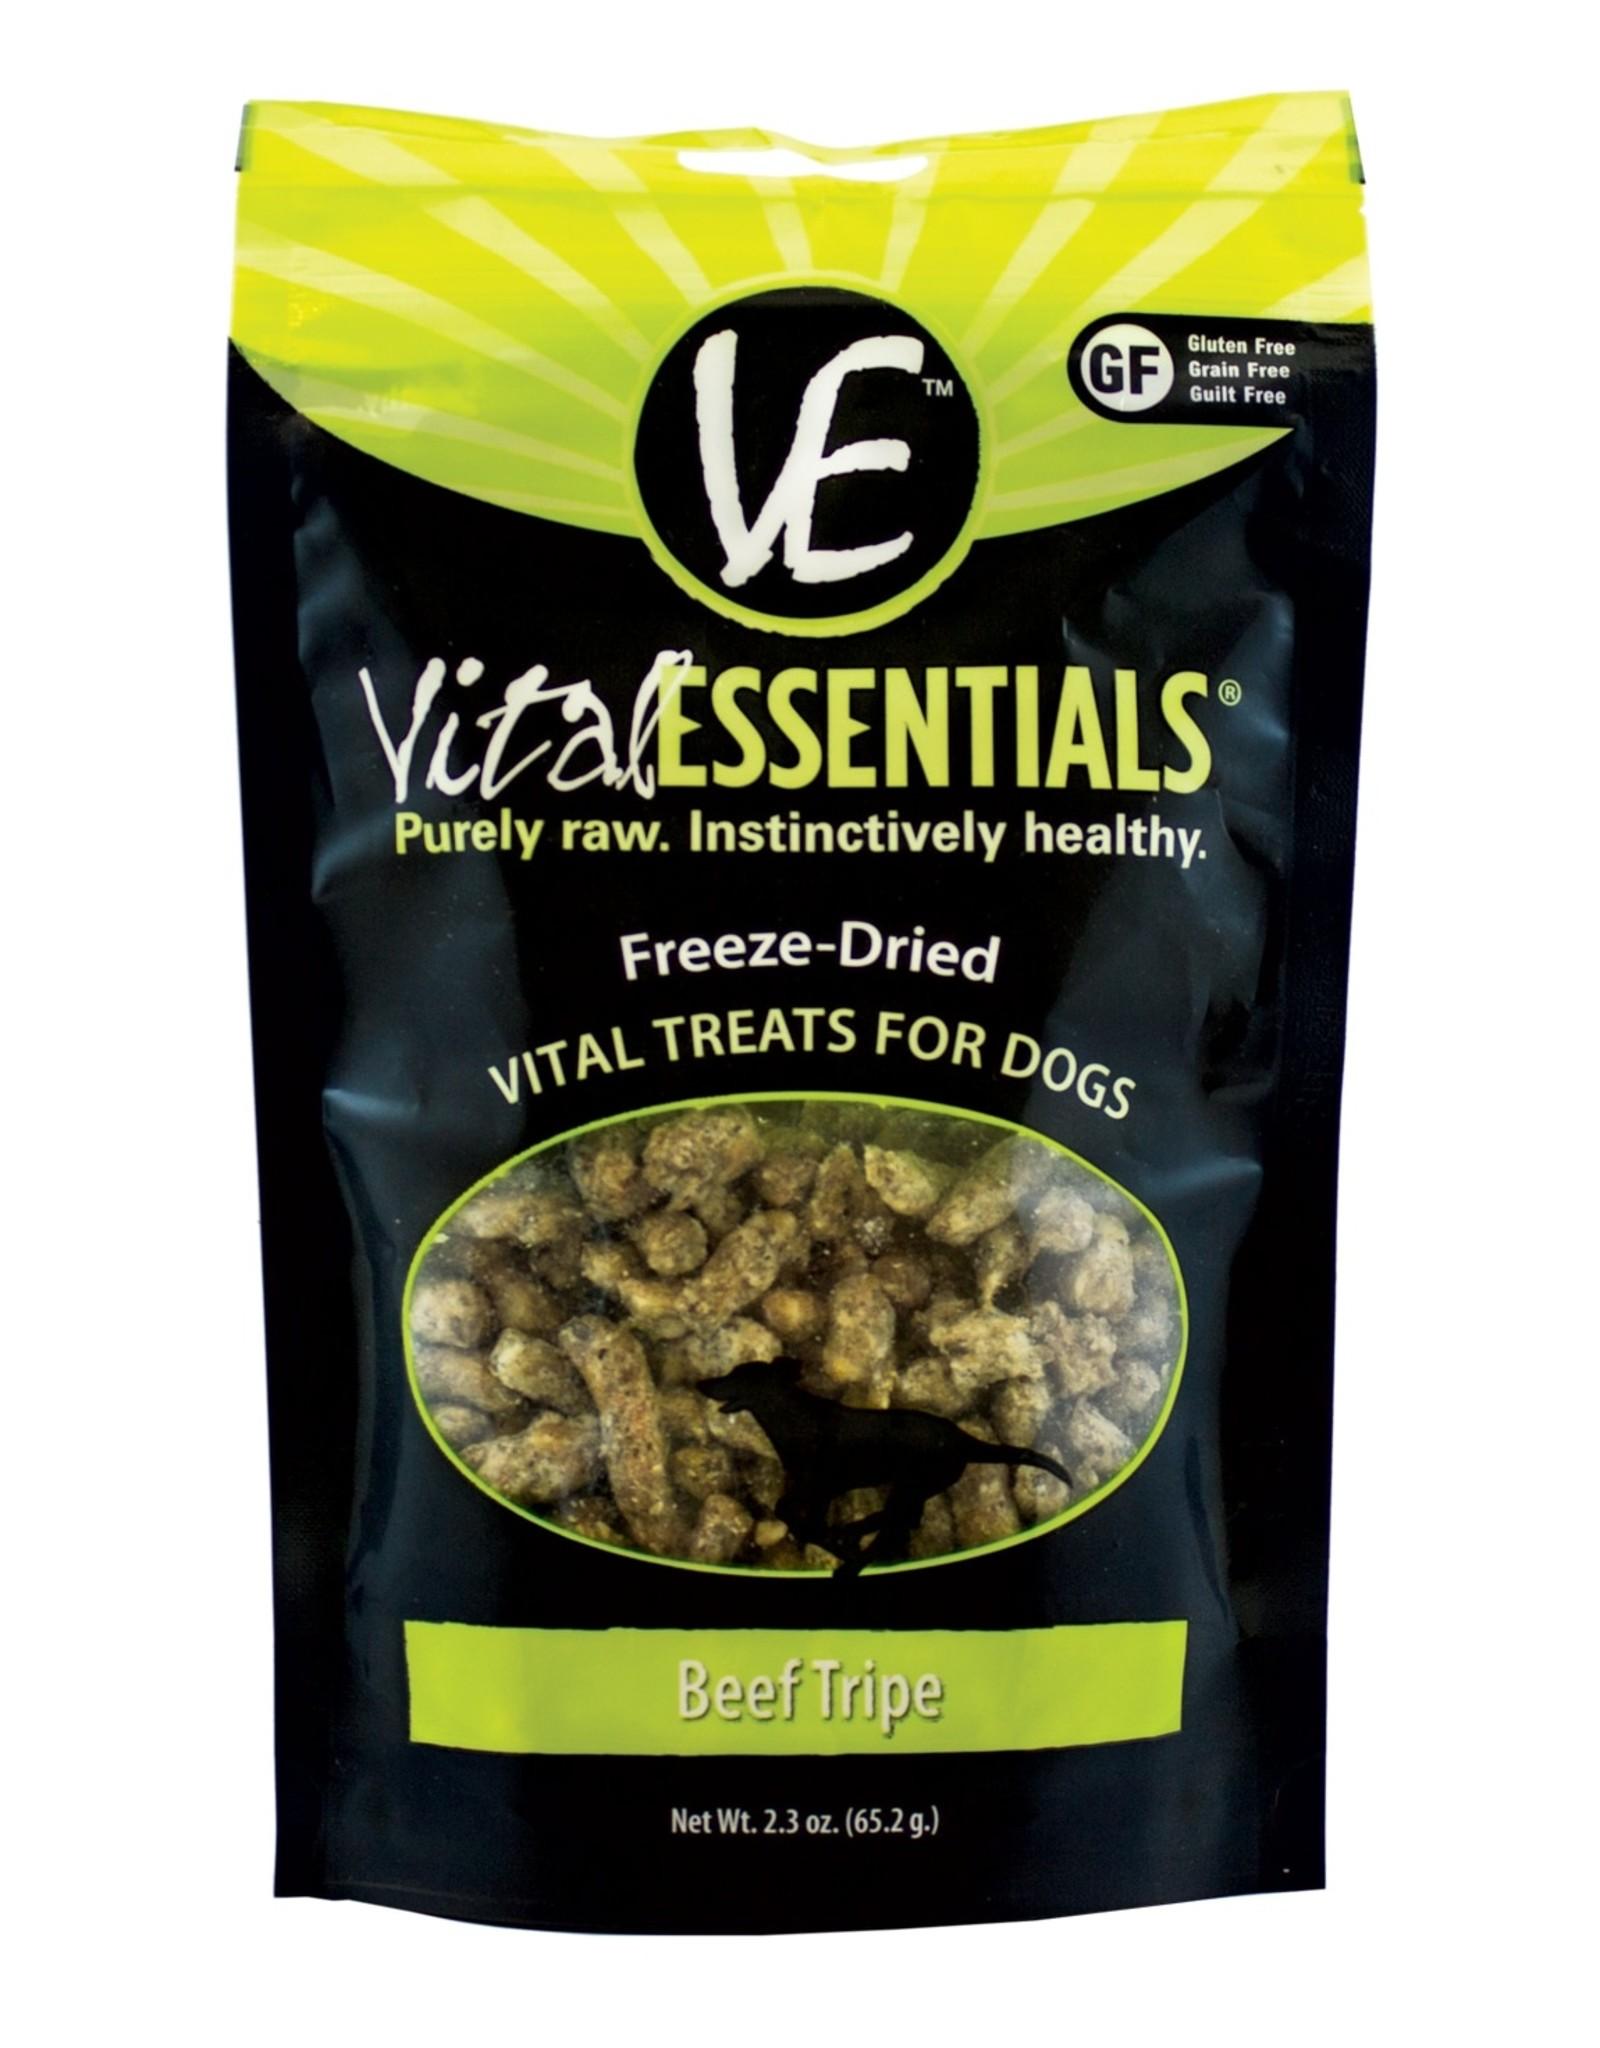 Carnivore Meat Company LLC FREEZE DRIED BEEF TRIPE DOG TREAT 2.3OZ VITAL ESSENTIALS